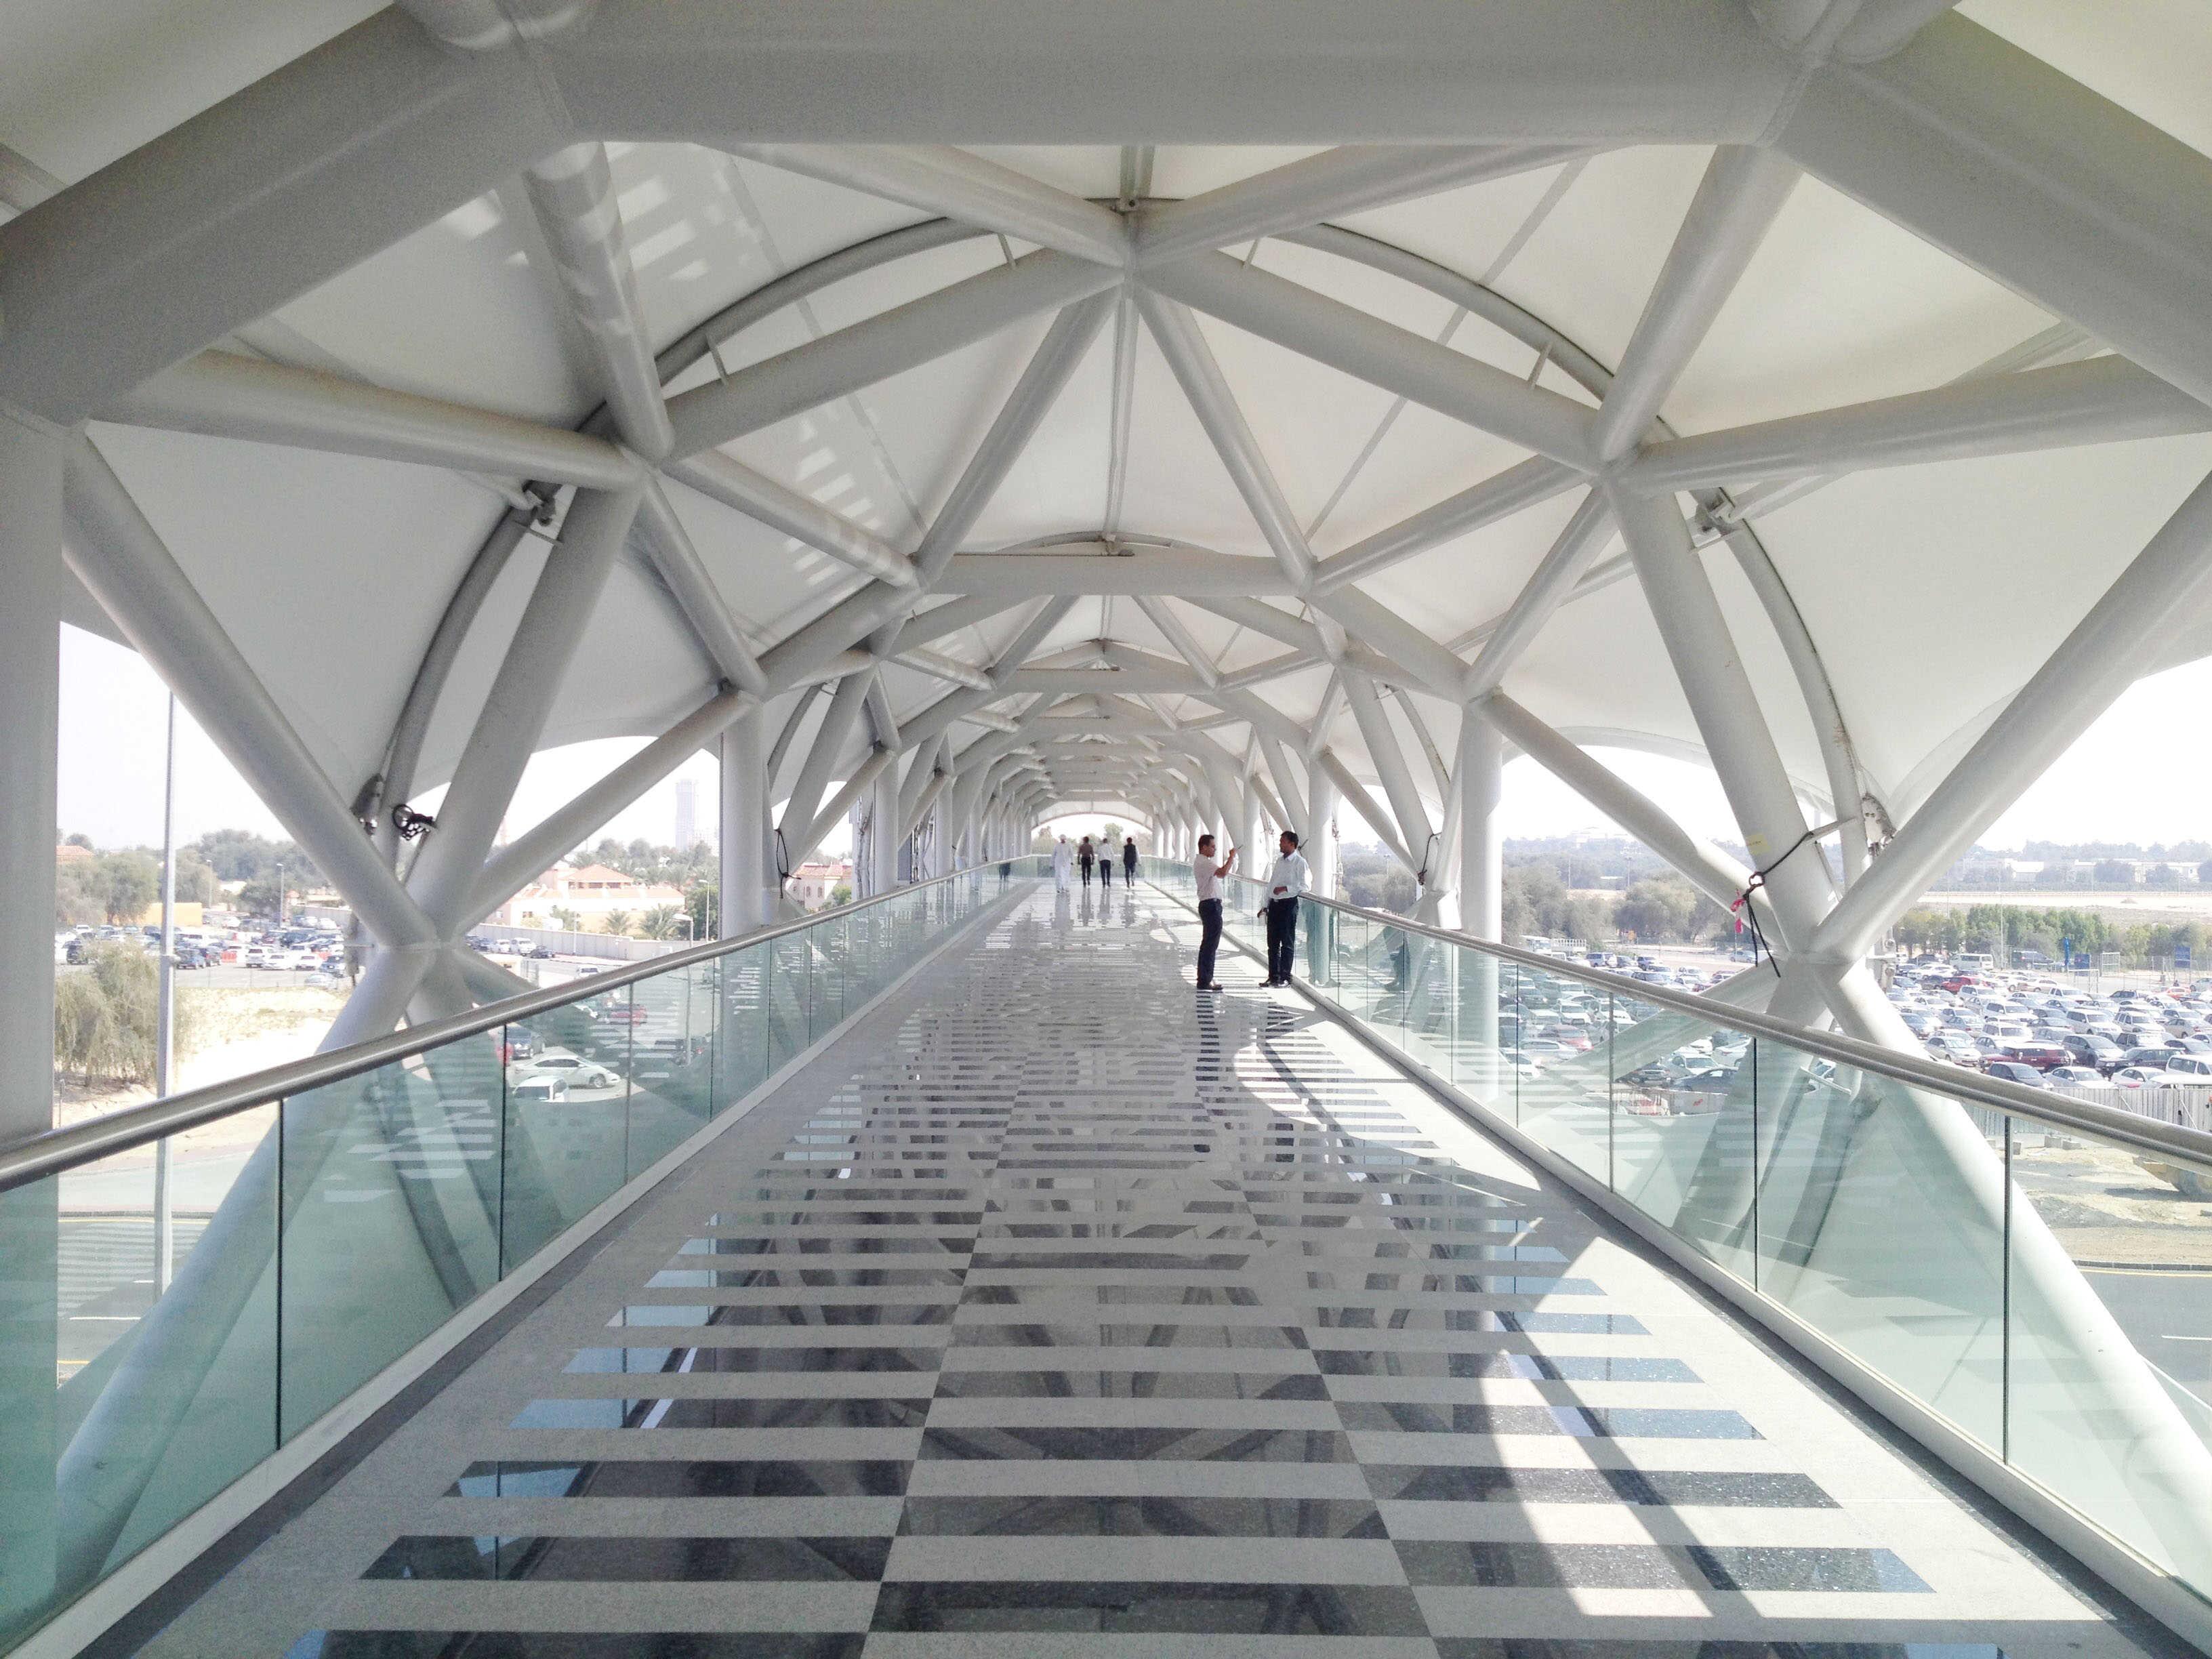 Dwtc Pedestrian Bridge Dubai Zwarts Amp Jansma Architects